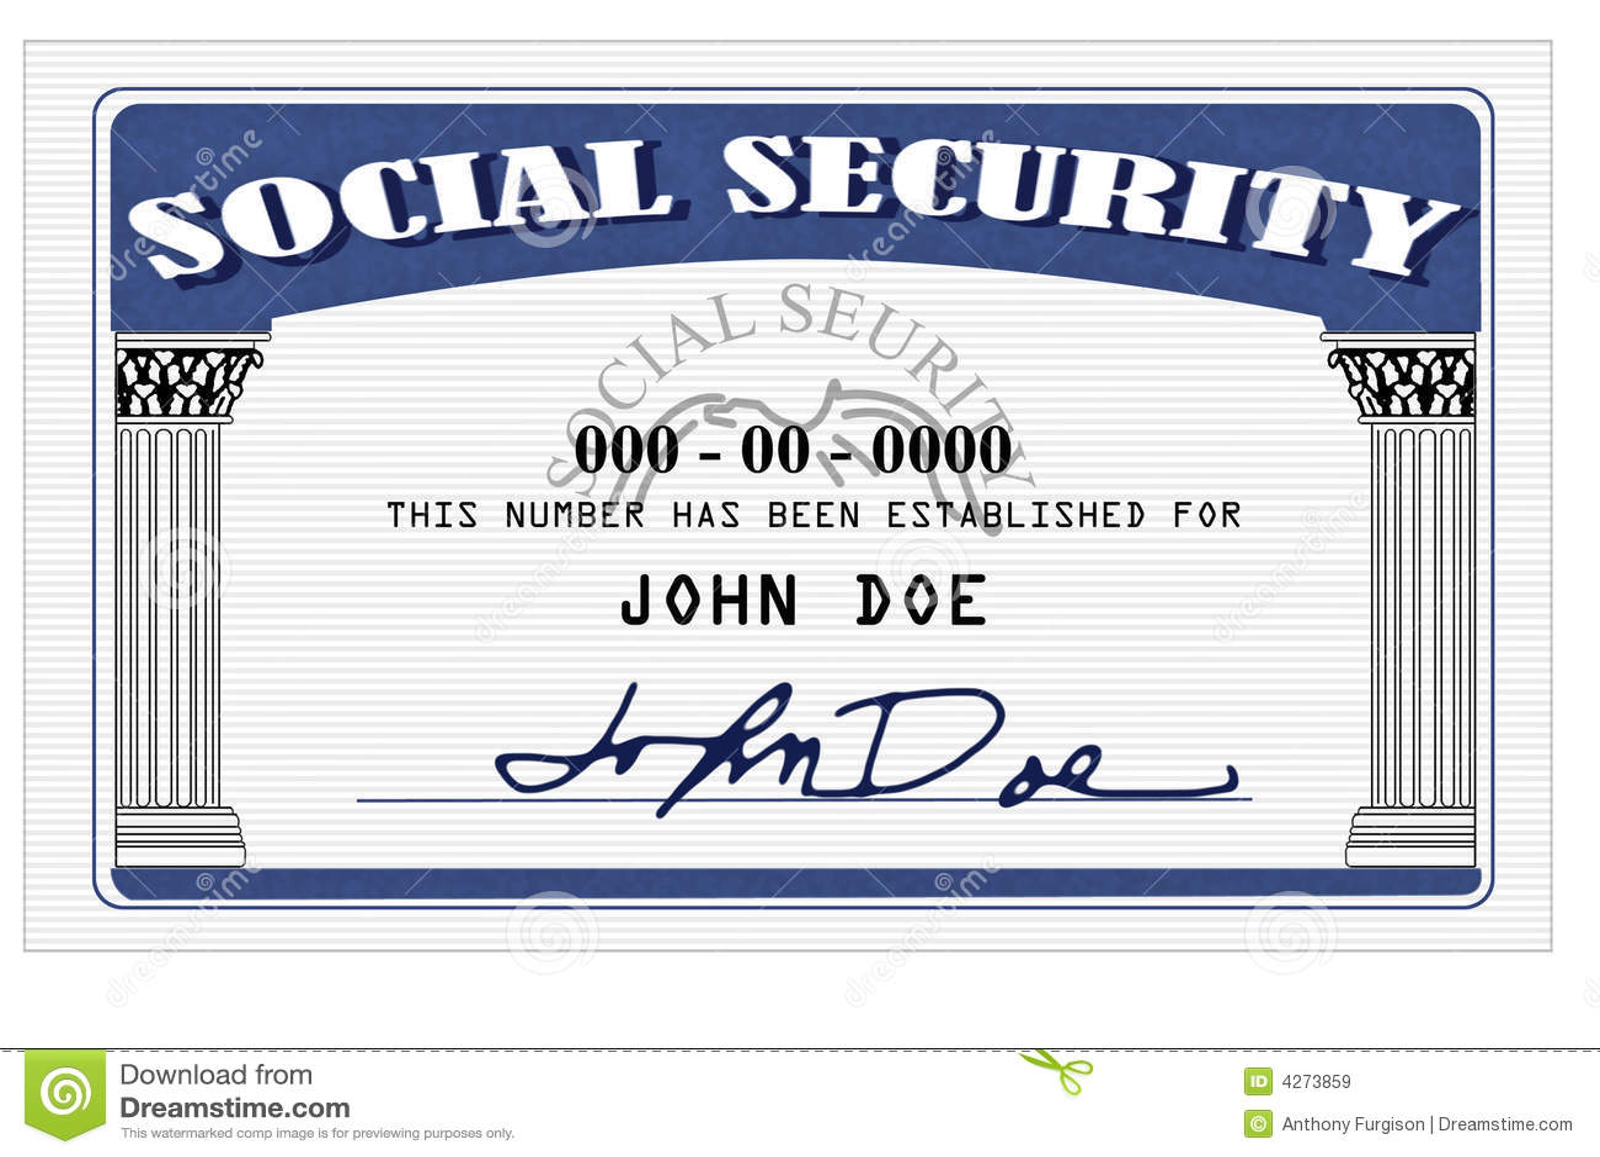 Cartão de segurança social